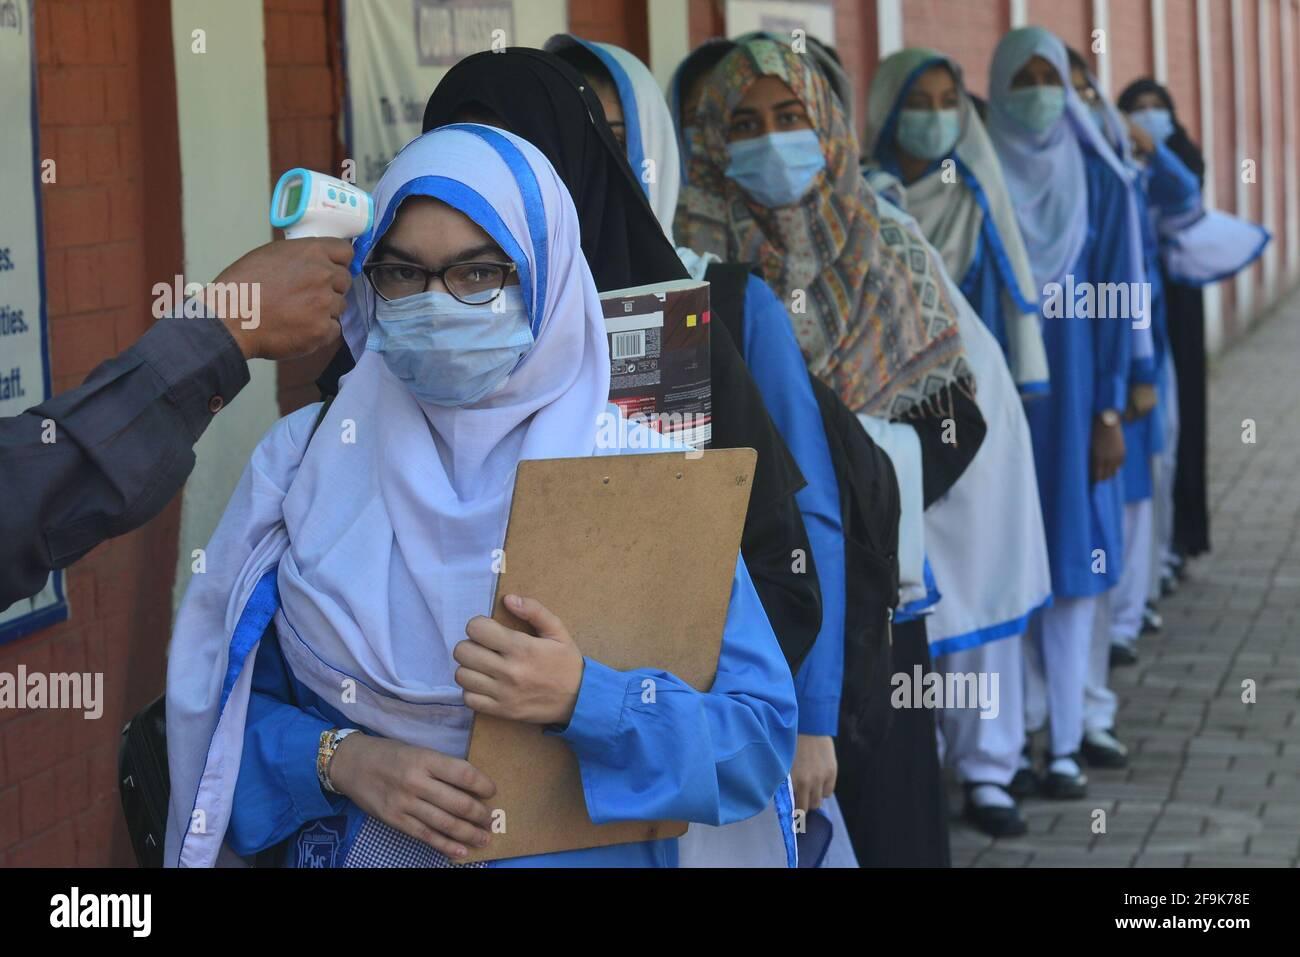 Lahore, Pakistán. 19th de Abr de 2021. Un guardia de seguridad está revisando la temperatura corporal y desinfectando los zapatos de las niñas estudiantes antes de entrar en los Institutos educativos. Gobierno Kinaird niñas escuela secundaria de 9th a 12th grados está reabierto después de largas vacaciones debido a la tercera fase de Covid-19 en Lahore. (Foto de Rana Sajid Hussain/Pacific Press) Crédito: Pacific Press Media Production Corp./Alamy Live News Foto de stock